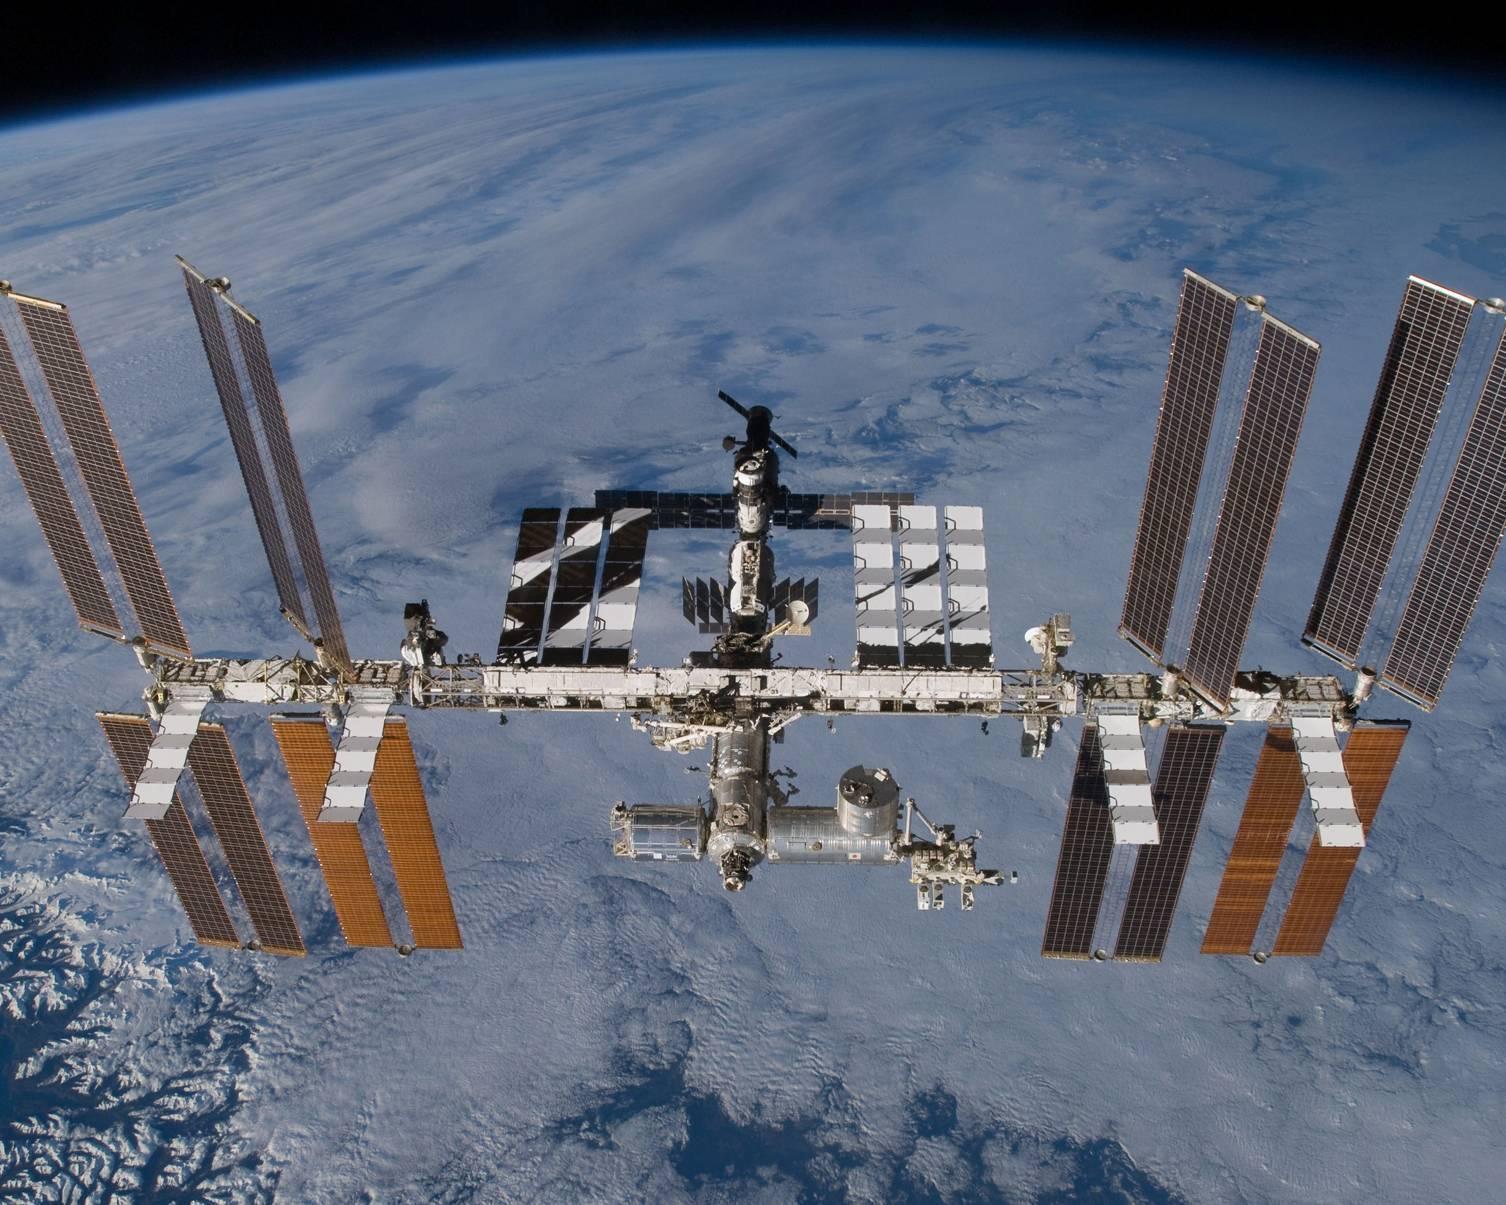 Nga dự kiến sẽ đưa Trạm Vũ trụ riêng vào quỹ đạo sau khi rời ISS - Ảnh 2.